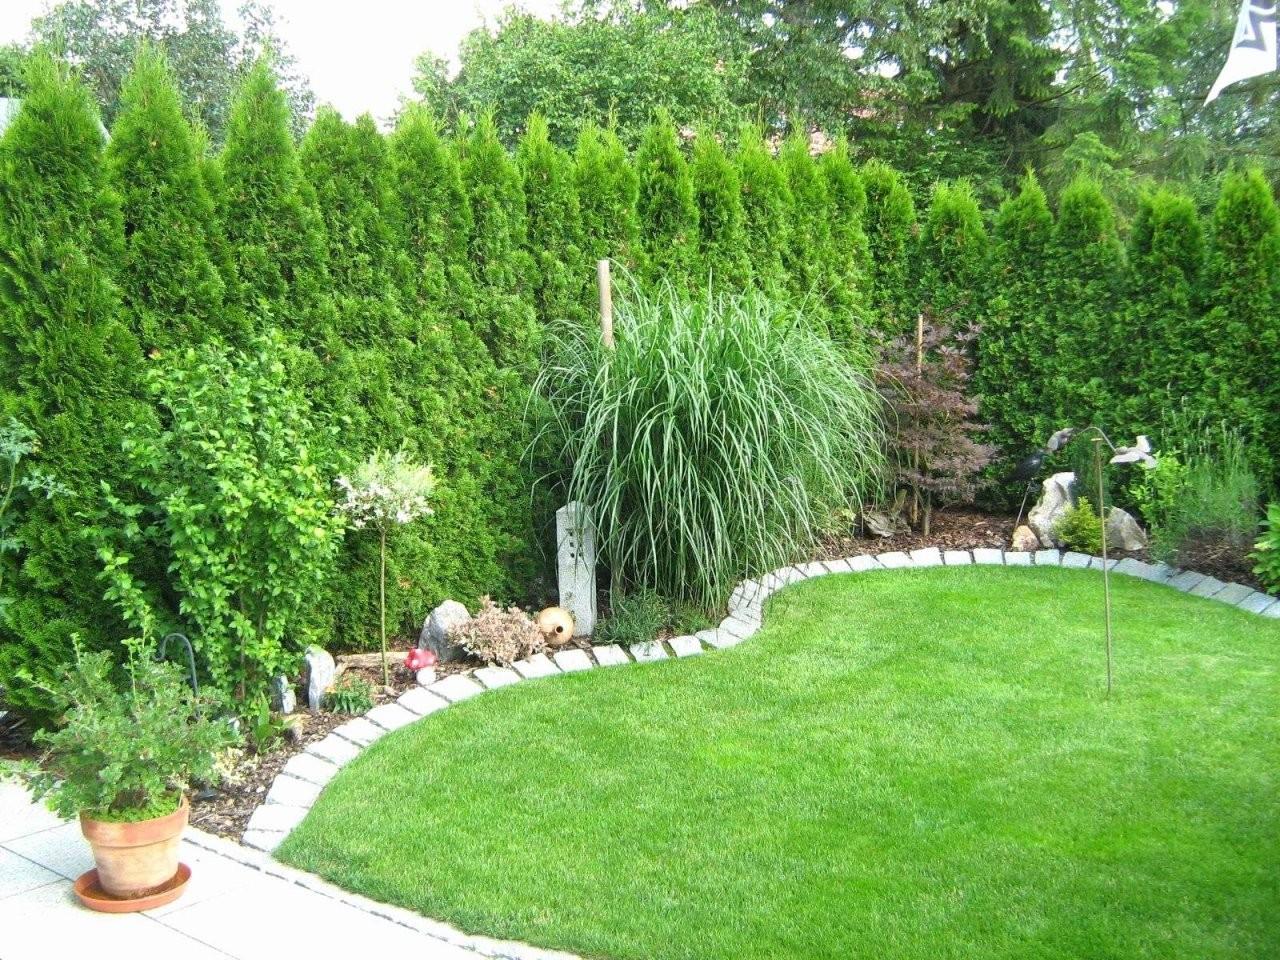 Kies Steine Garten Inspirierend Garten Mit Steinen Gestalten Best von Gartengestaltung Mit Steinen Und Kies Bilder Bild